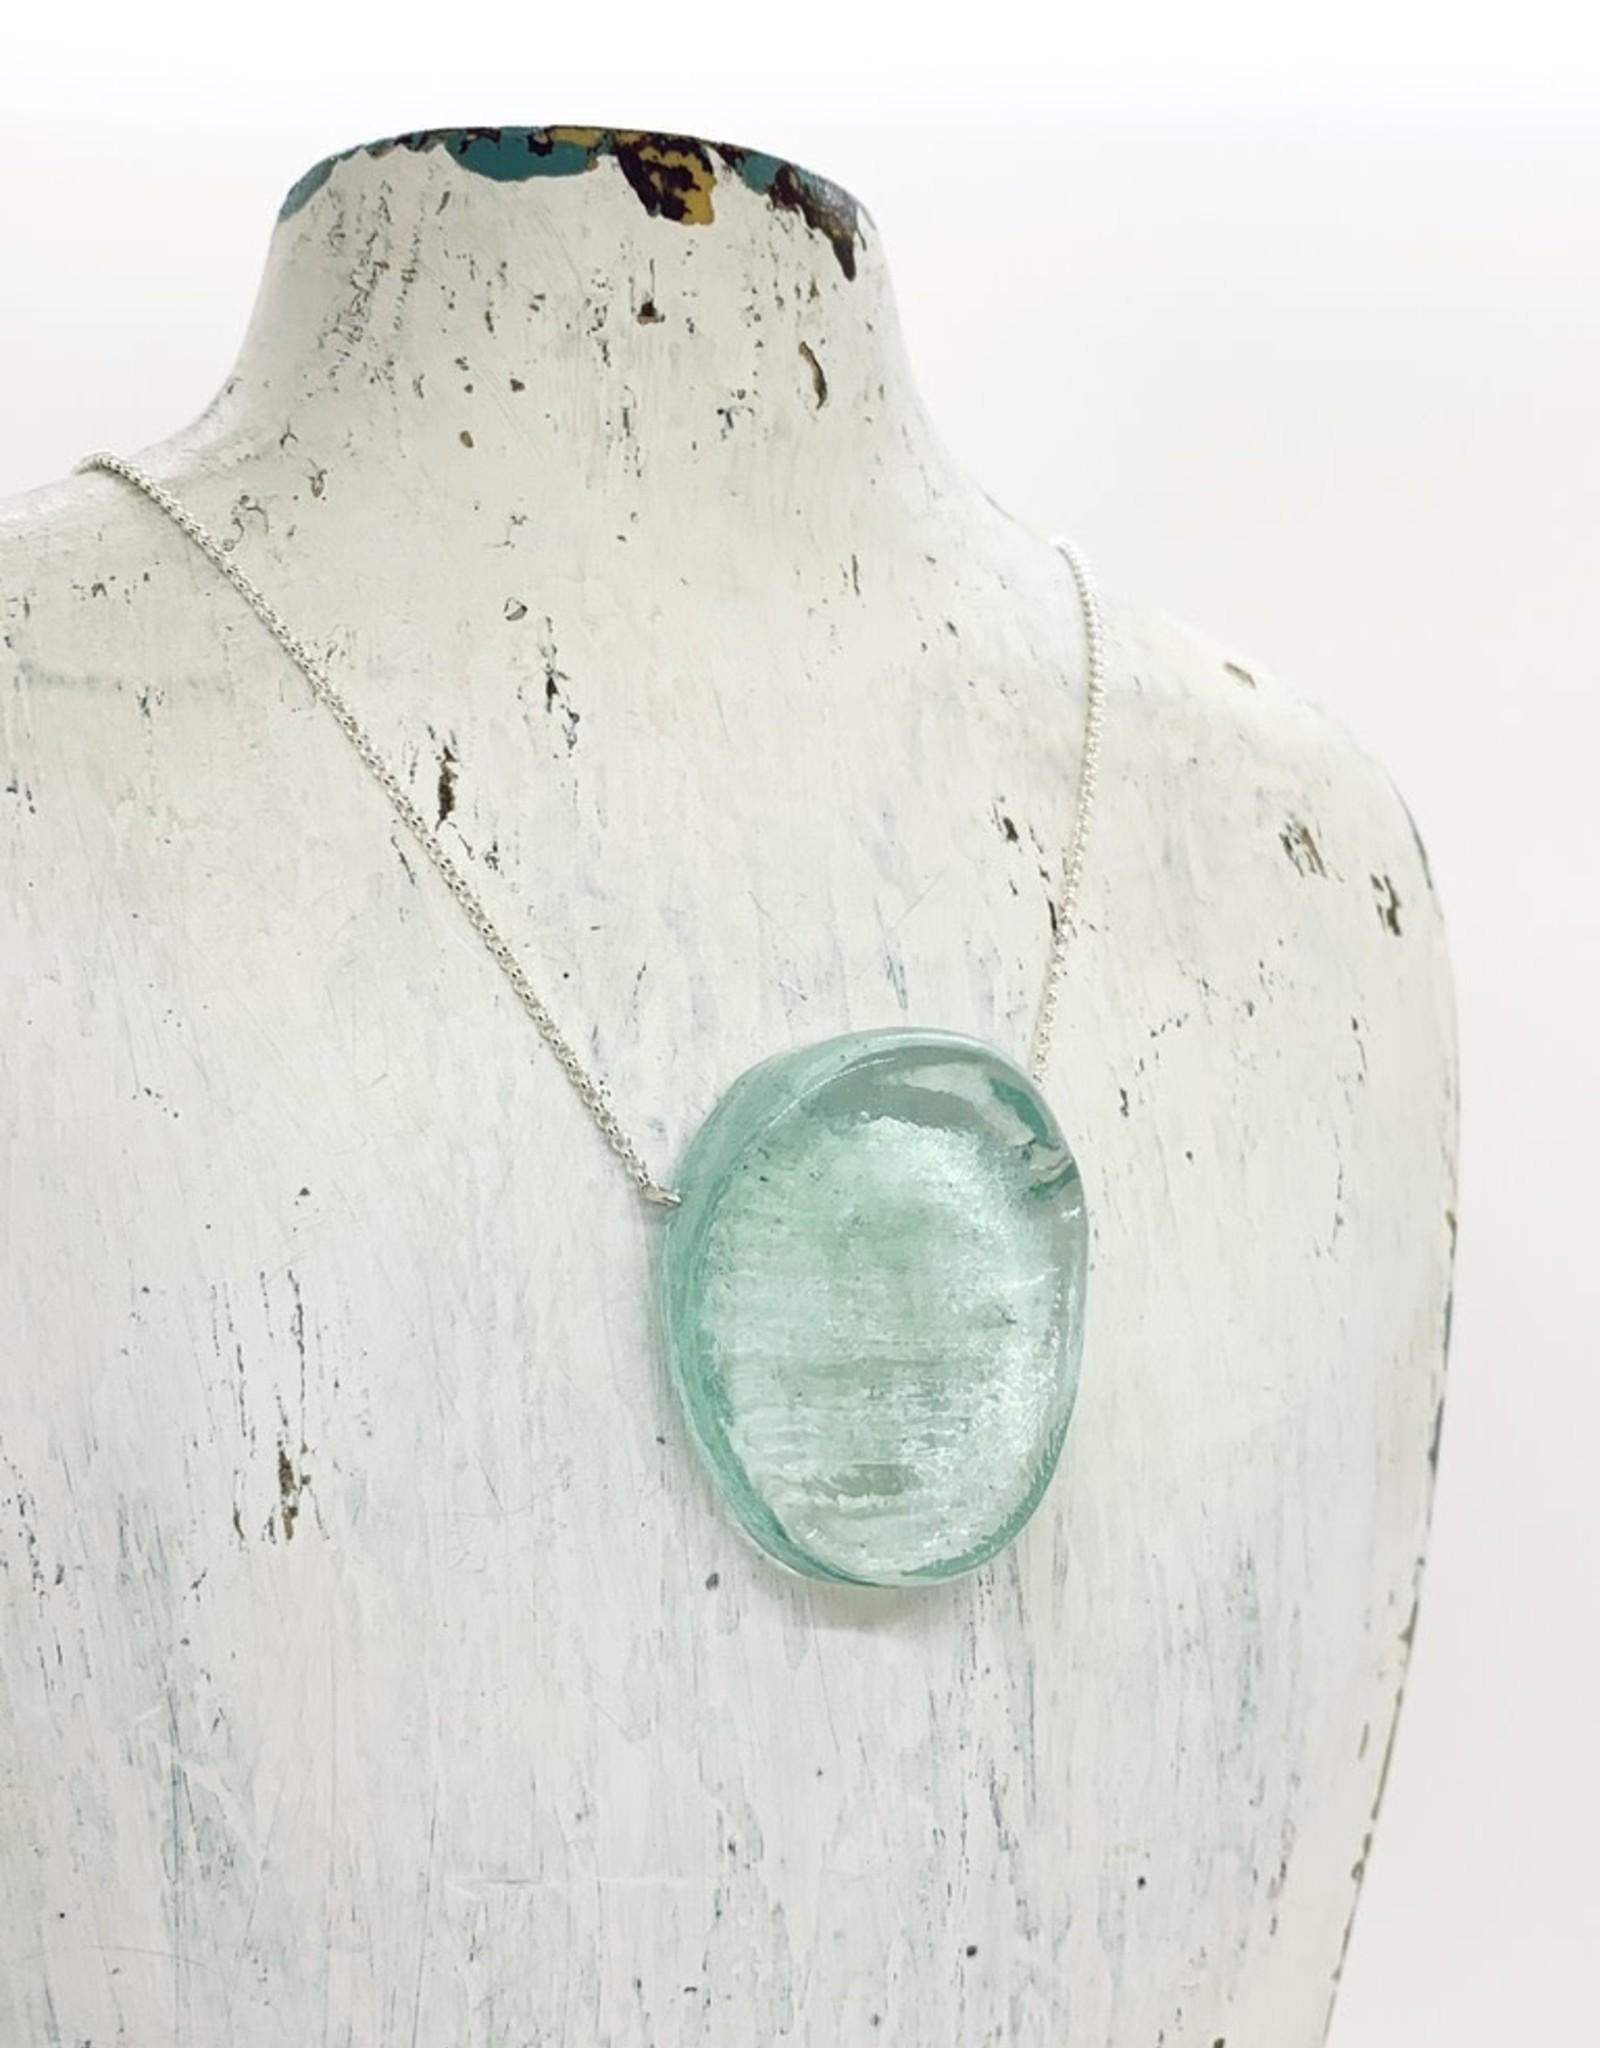 Hot Pressed Mini Ellipse Glass Pendant in